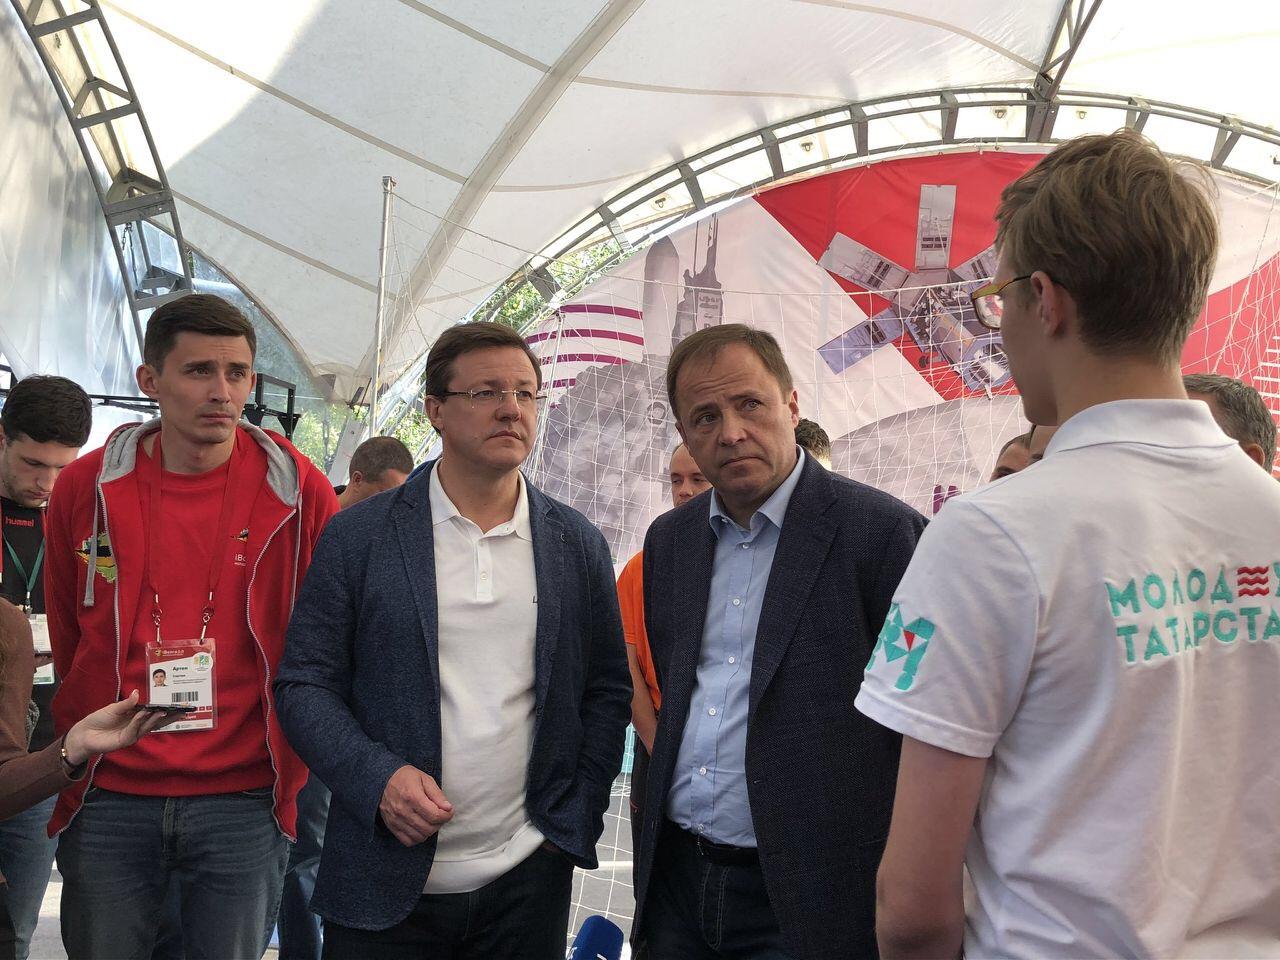 Игорь Комаров и Дмитрий Азаров посетили молодежный форум«IВолга2.0»